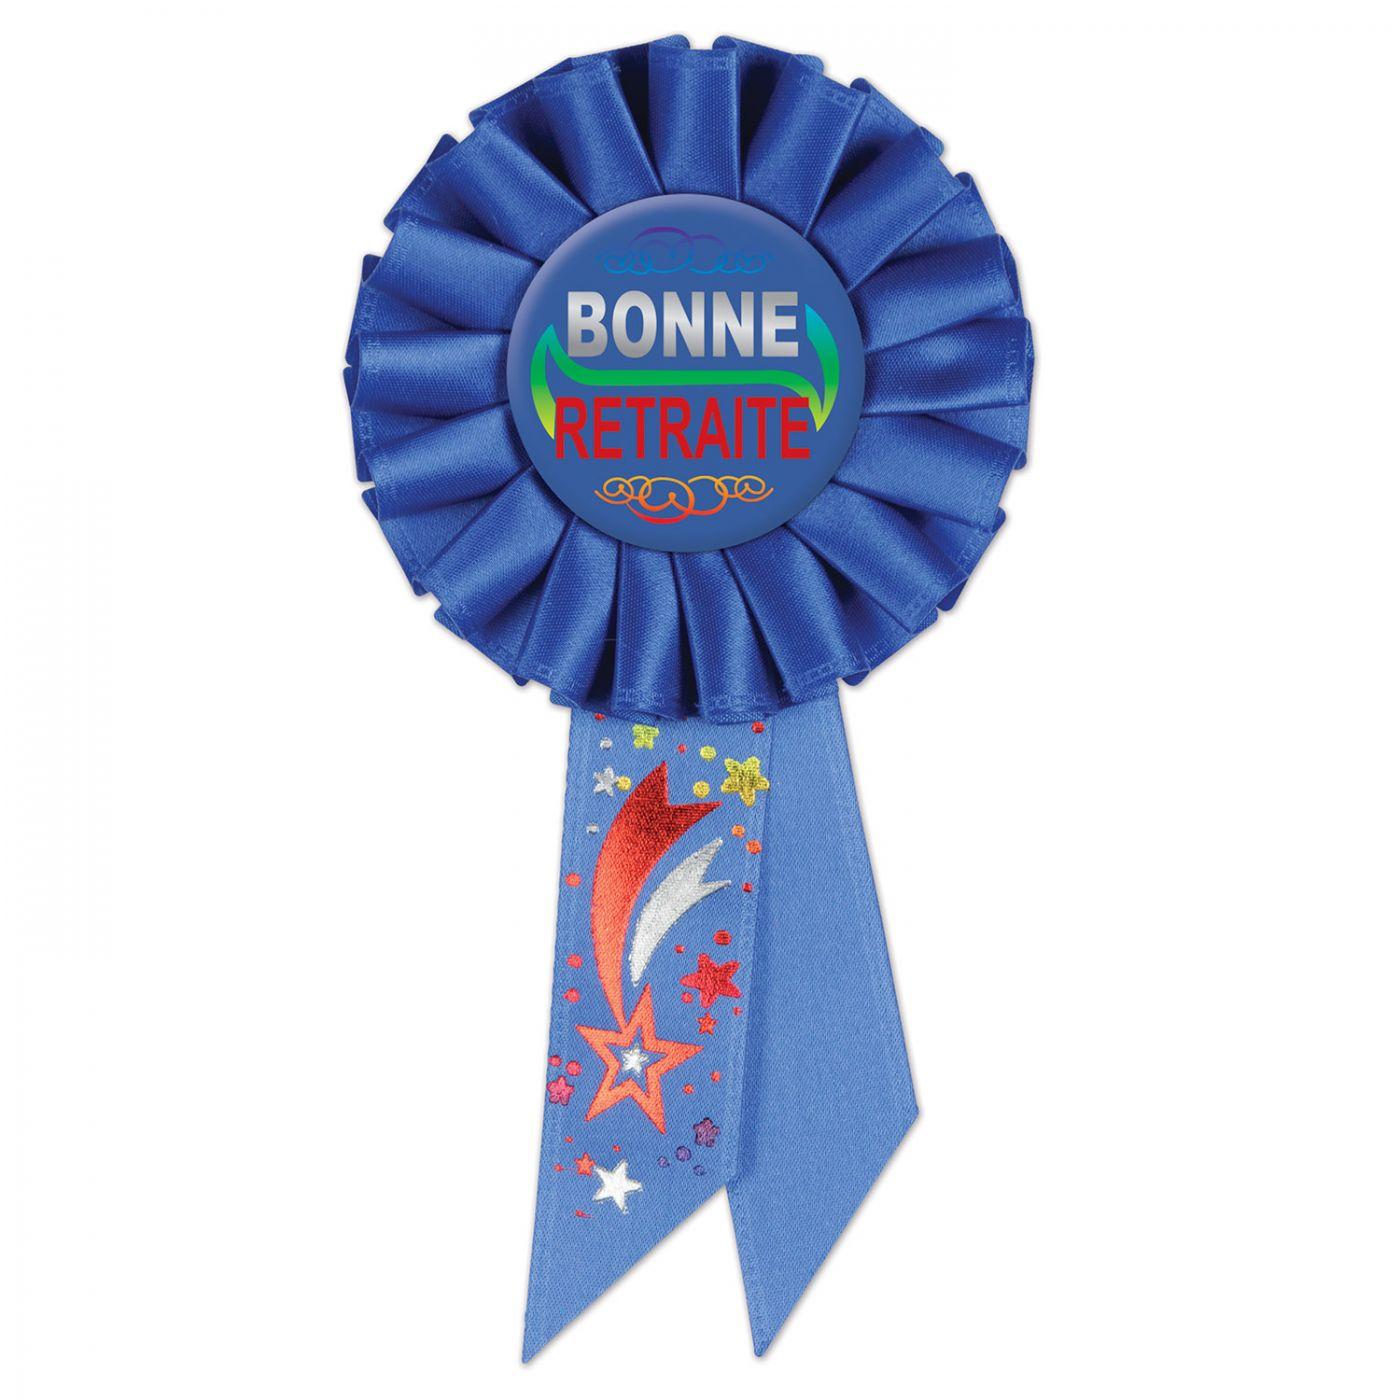 Image of Bonne Retraite (Happy Retirement)Rosette (6)